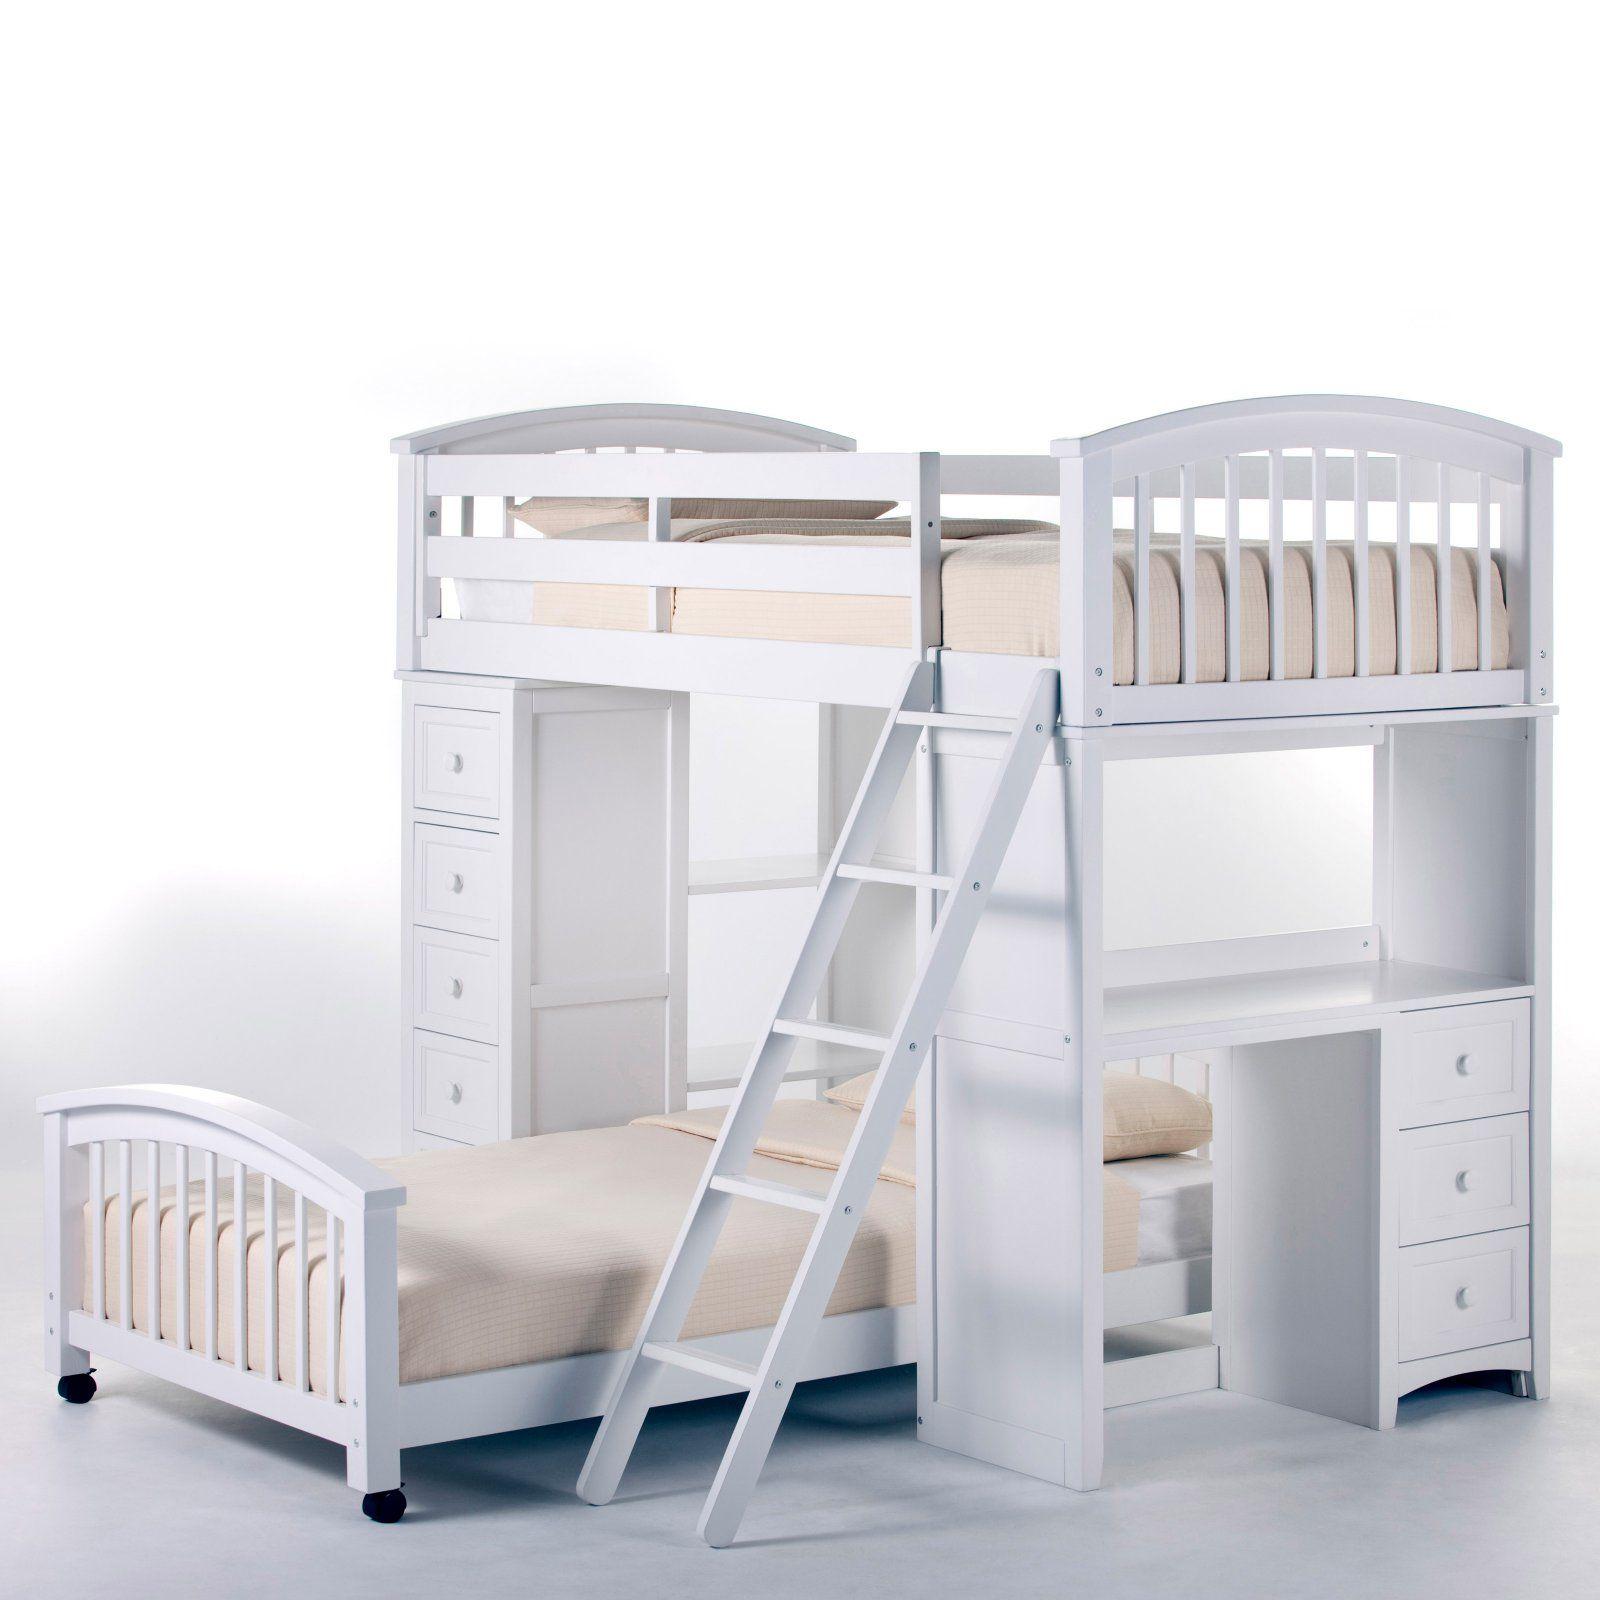 NE Kids Schoolhouse Student Loft Bed White White loft